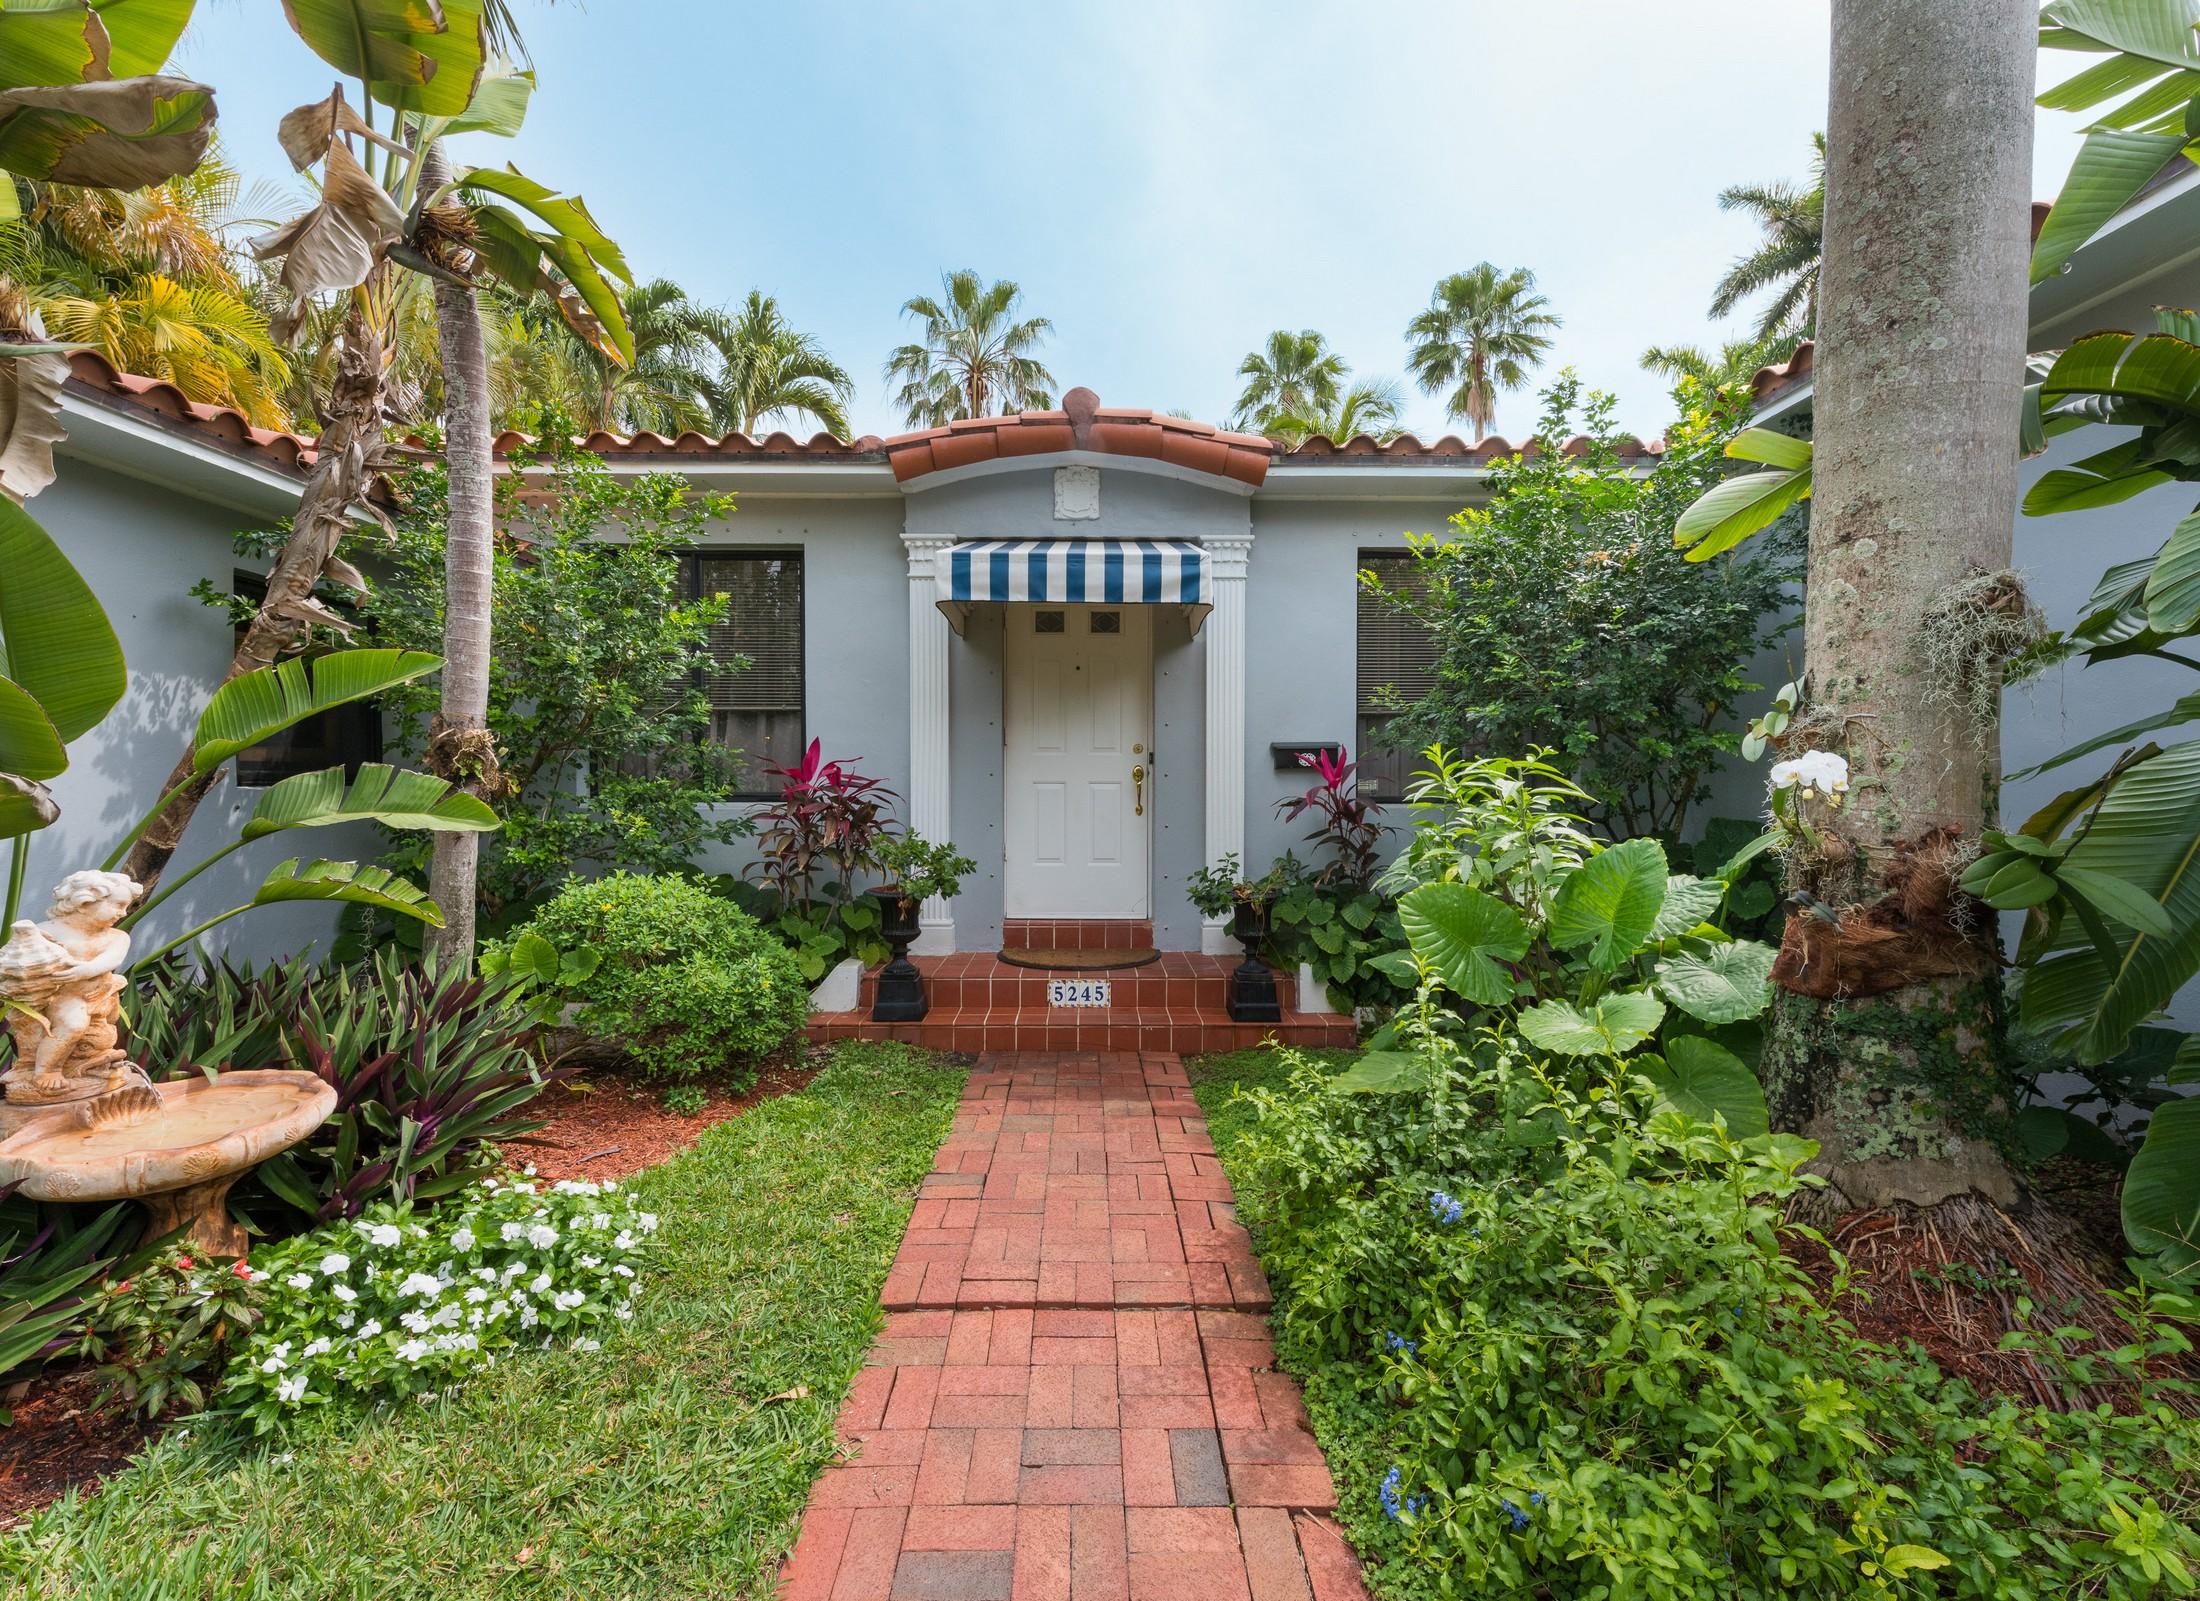 Частный односемейный дом для того Продажа на 5245 Alton Rd Miami Beach, Флорида, 33140 Соединенные Штаты